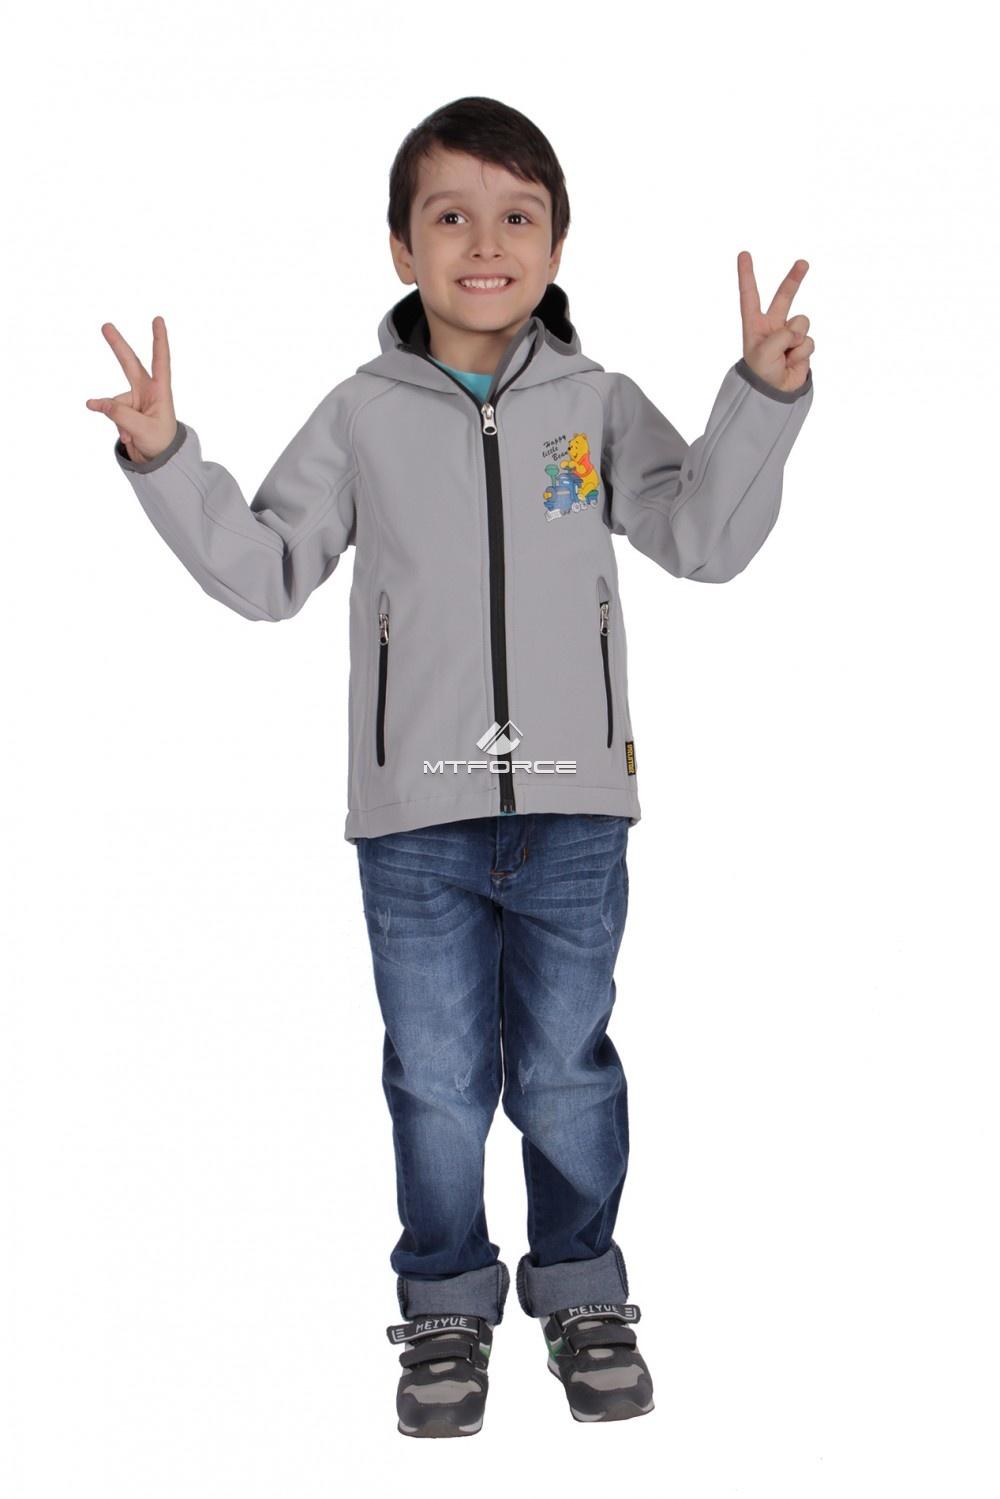 Купить                                  оптом Куртка ветровка детская светло-серого цвета 034-1Ss в Санкт-Петербурге